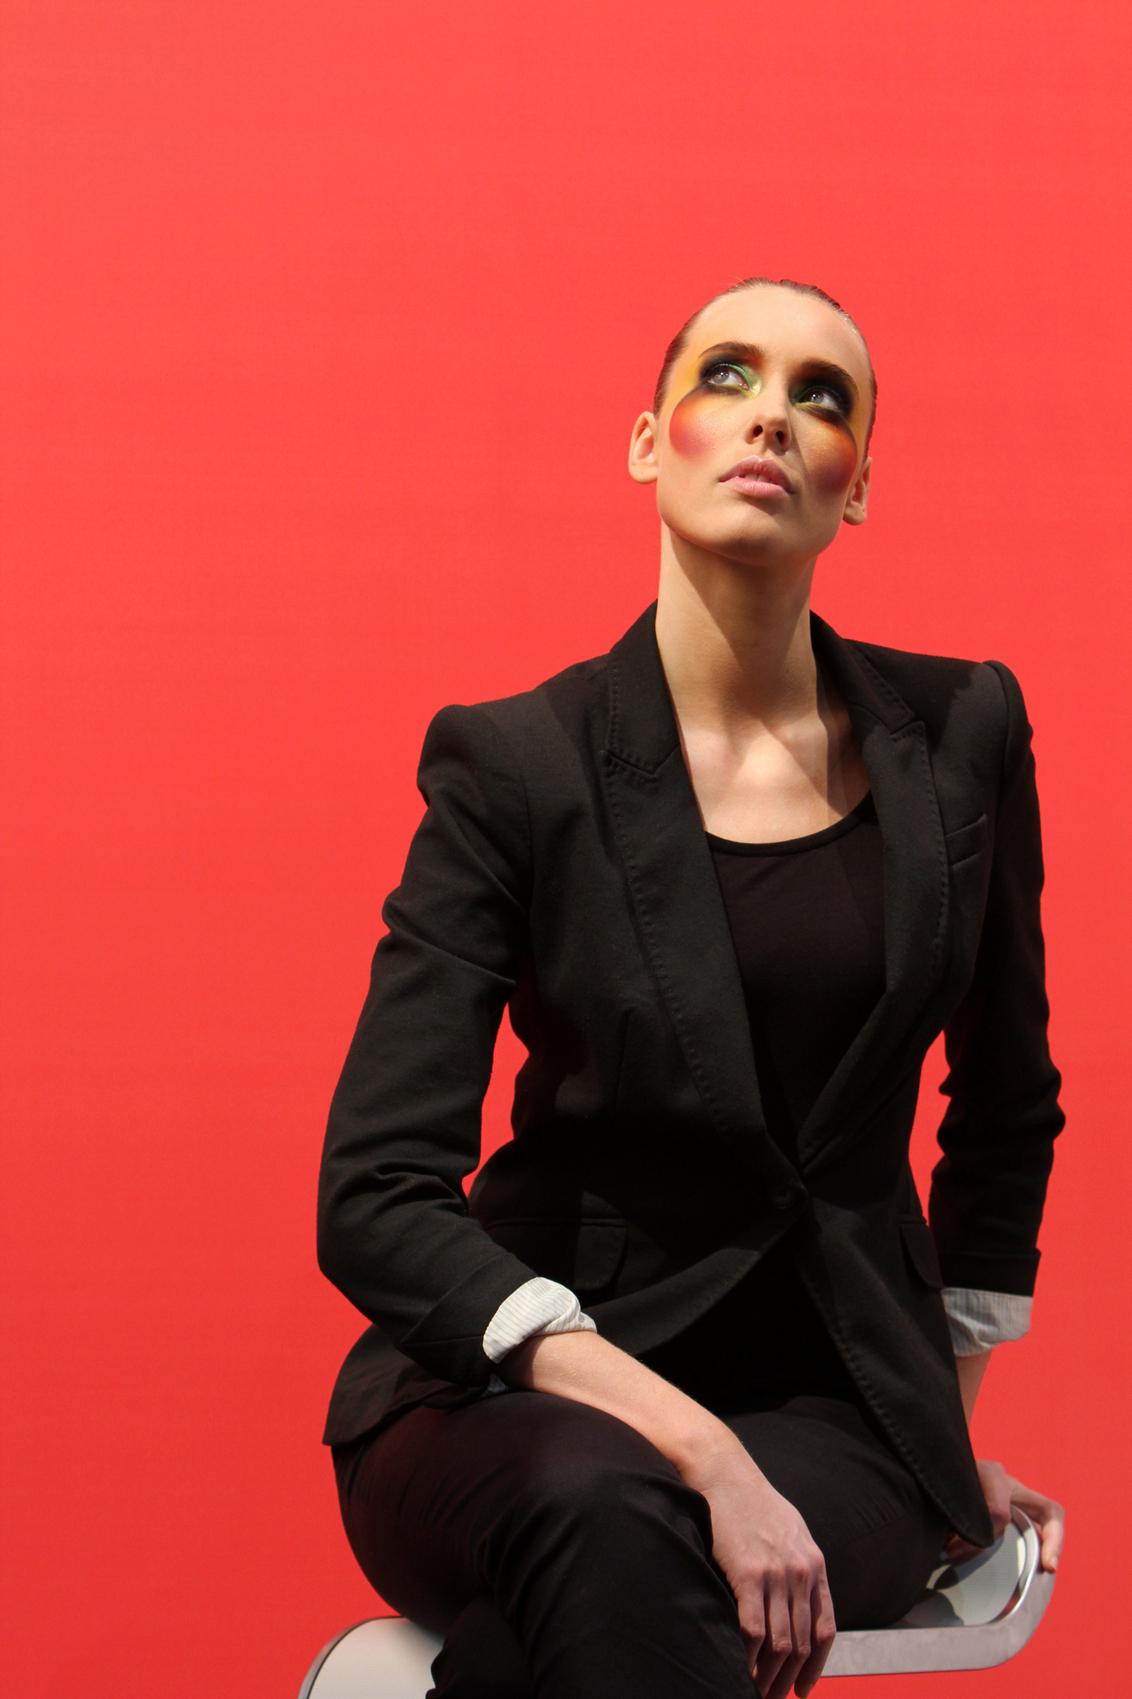 The lady in red - Het model bij Canon; foto genomen op zondag. - foto door jeroenwesterhout op 30-12-2010 - deze foto bevat: model, canon, zoomexperience